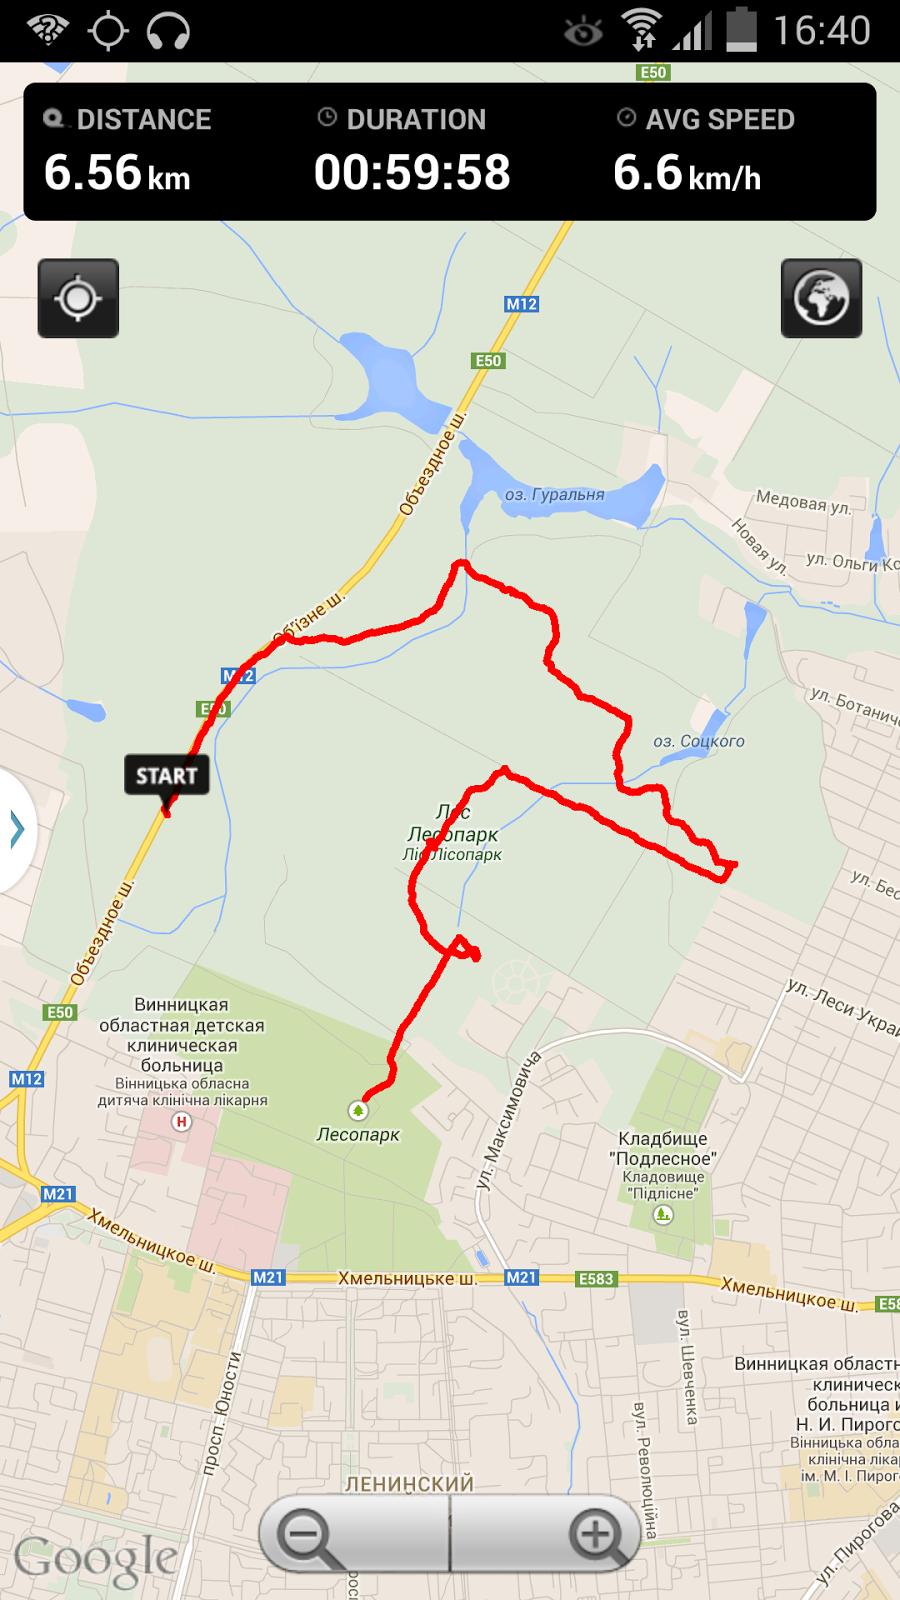 Дистанция на карте тренировки по Охоте на Лис (ardf, радиопеленгация) в Лесопарке, в Виннице.